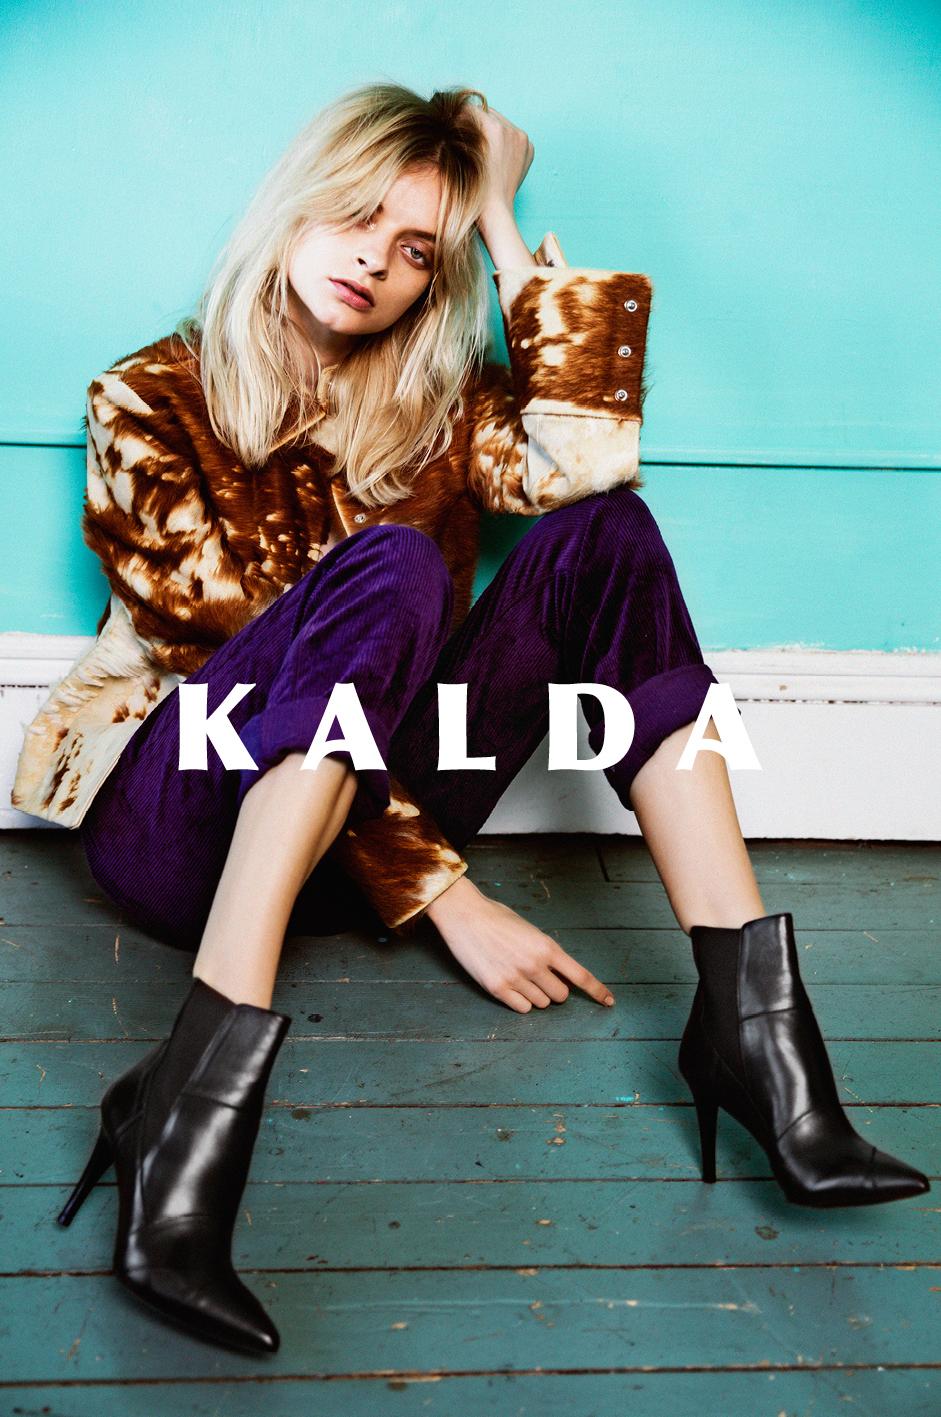 Kalda+social+media33.jpg